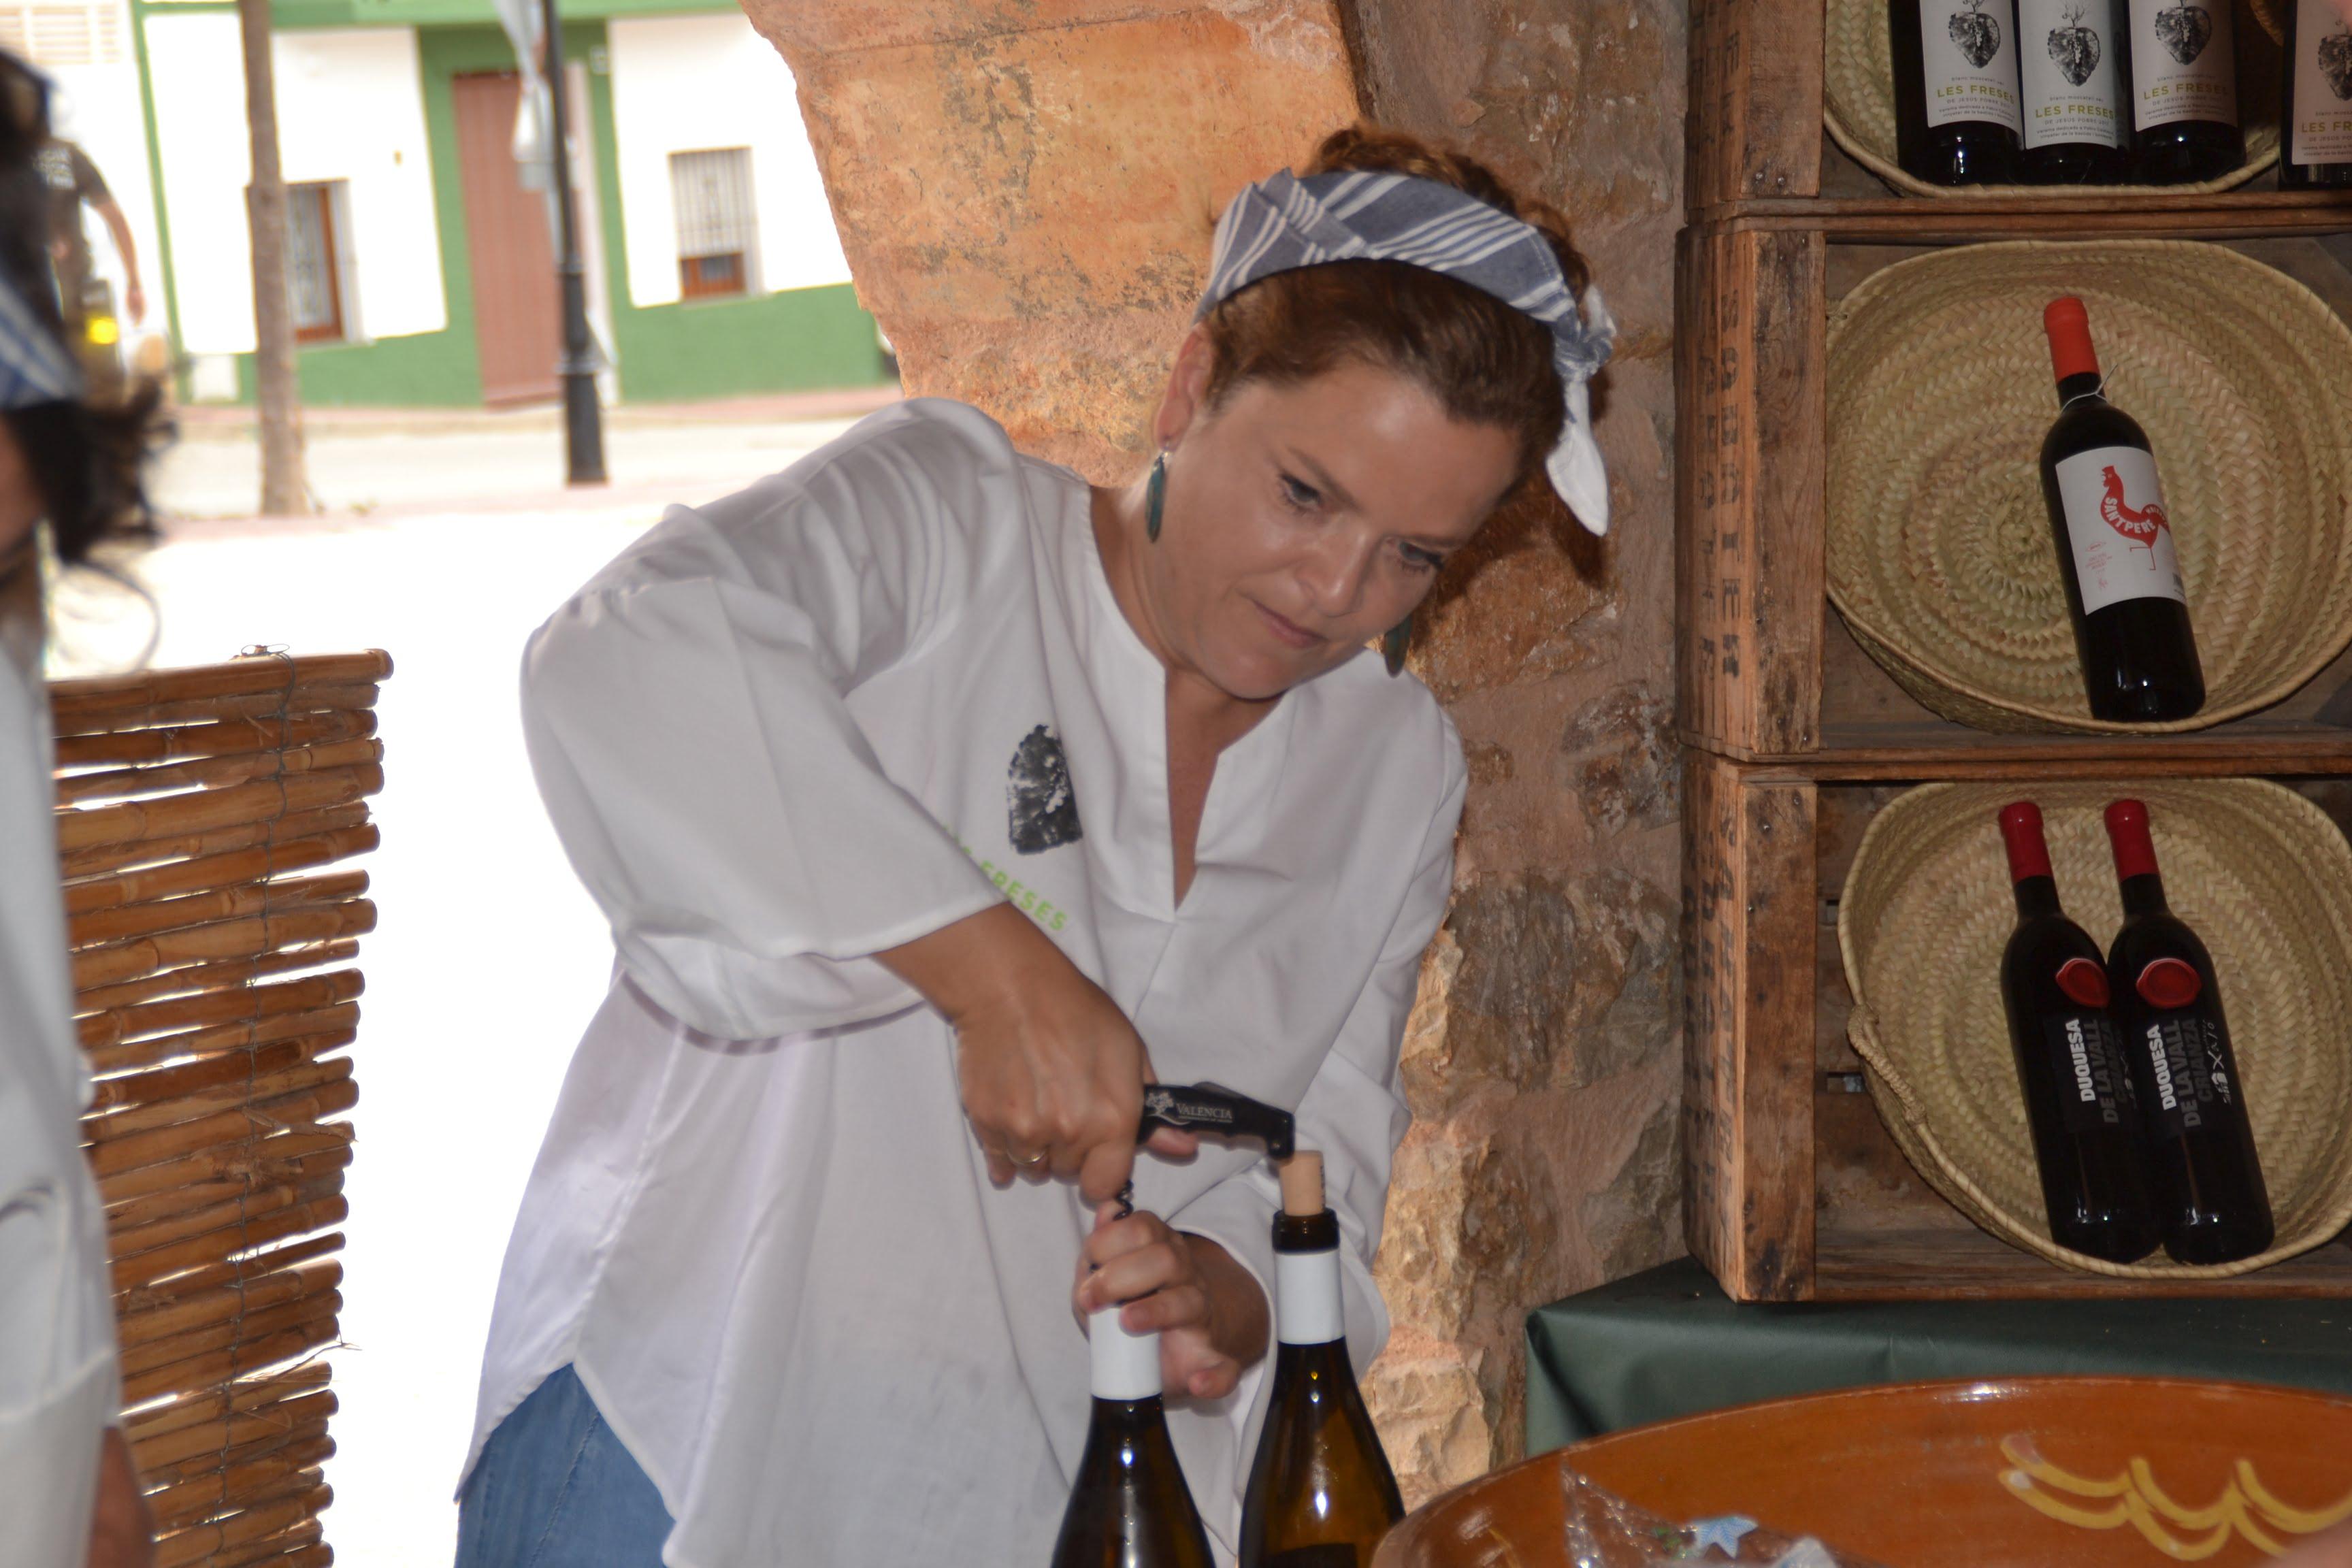 Mara se baigna en débouchant une bouteille